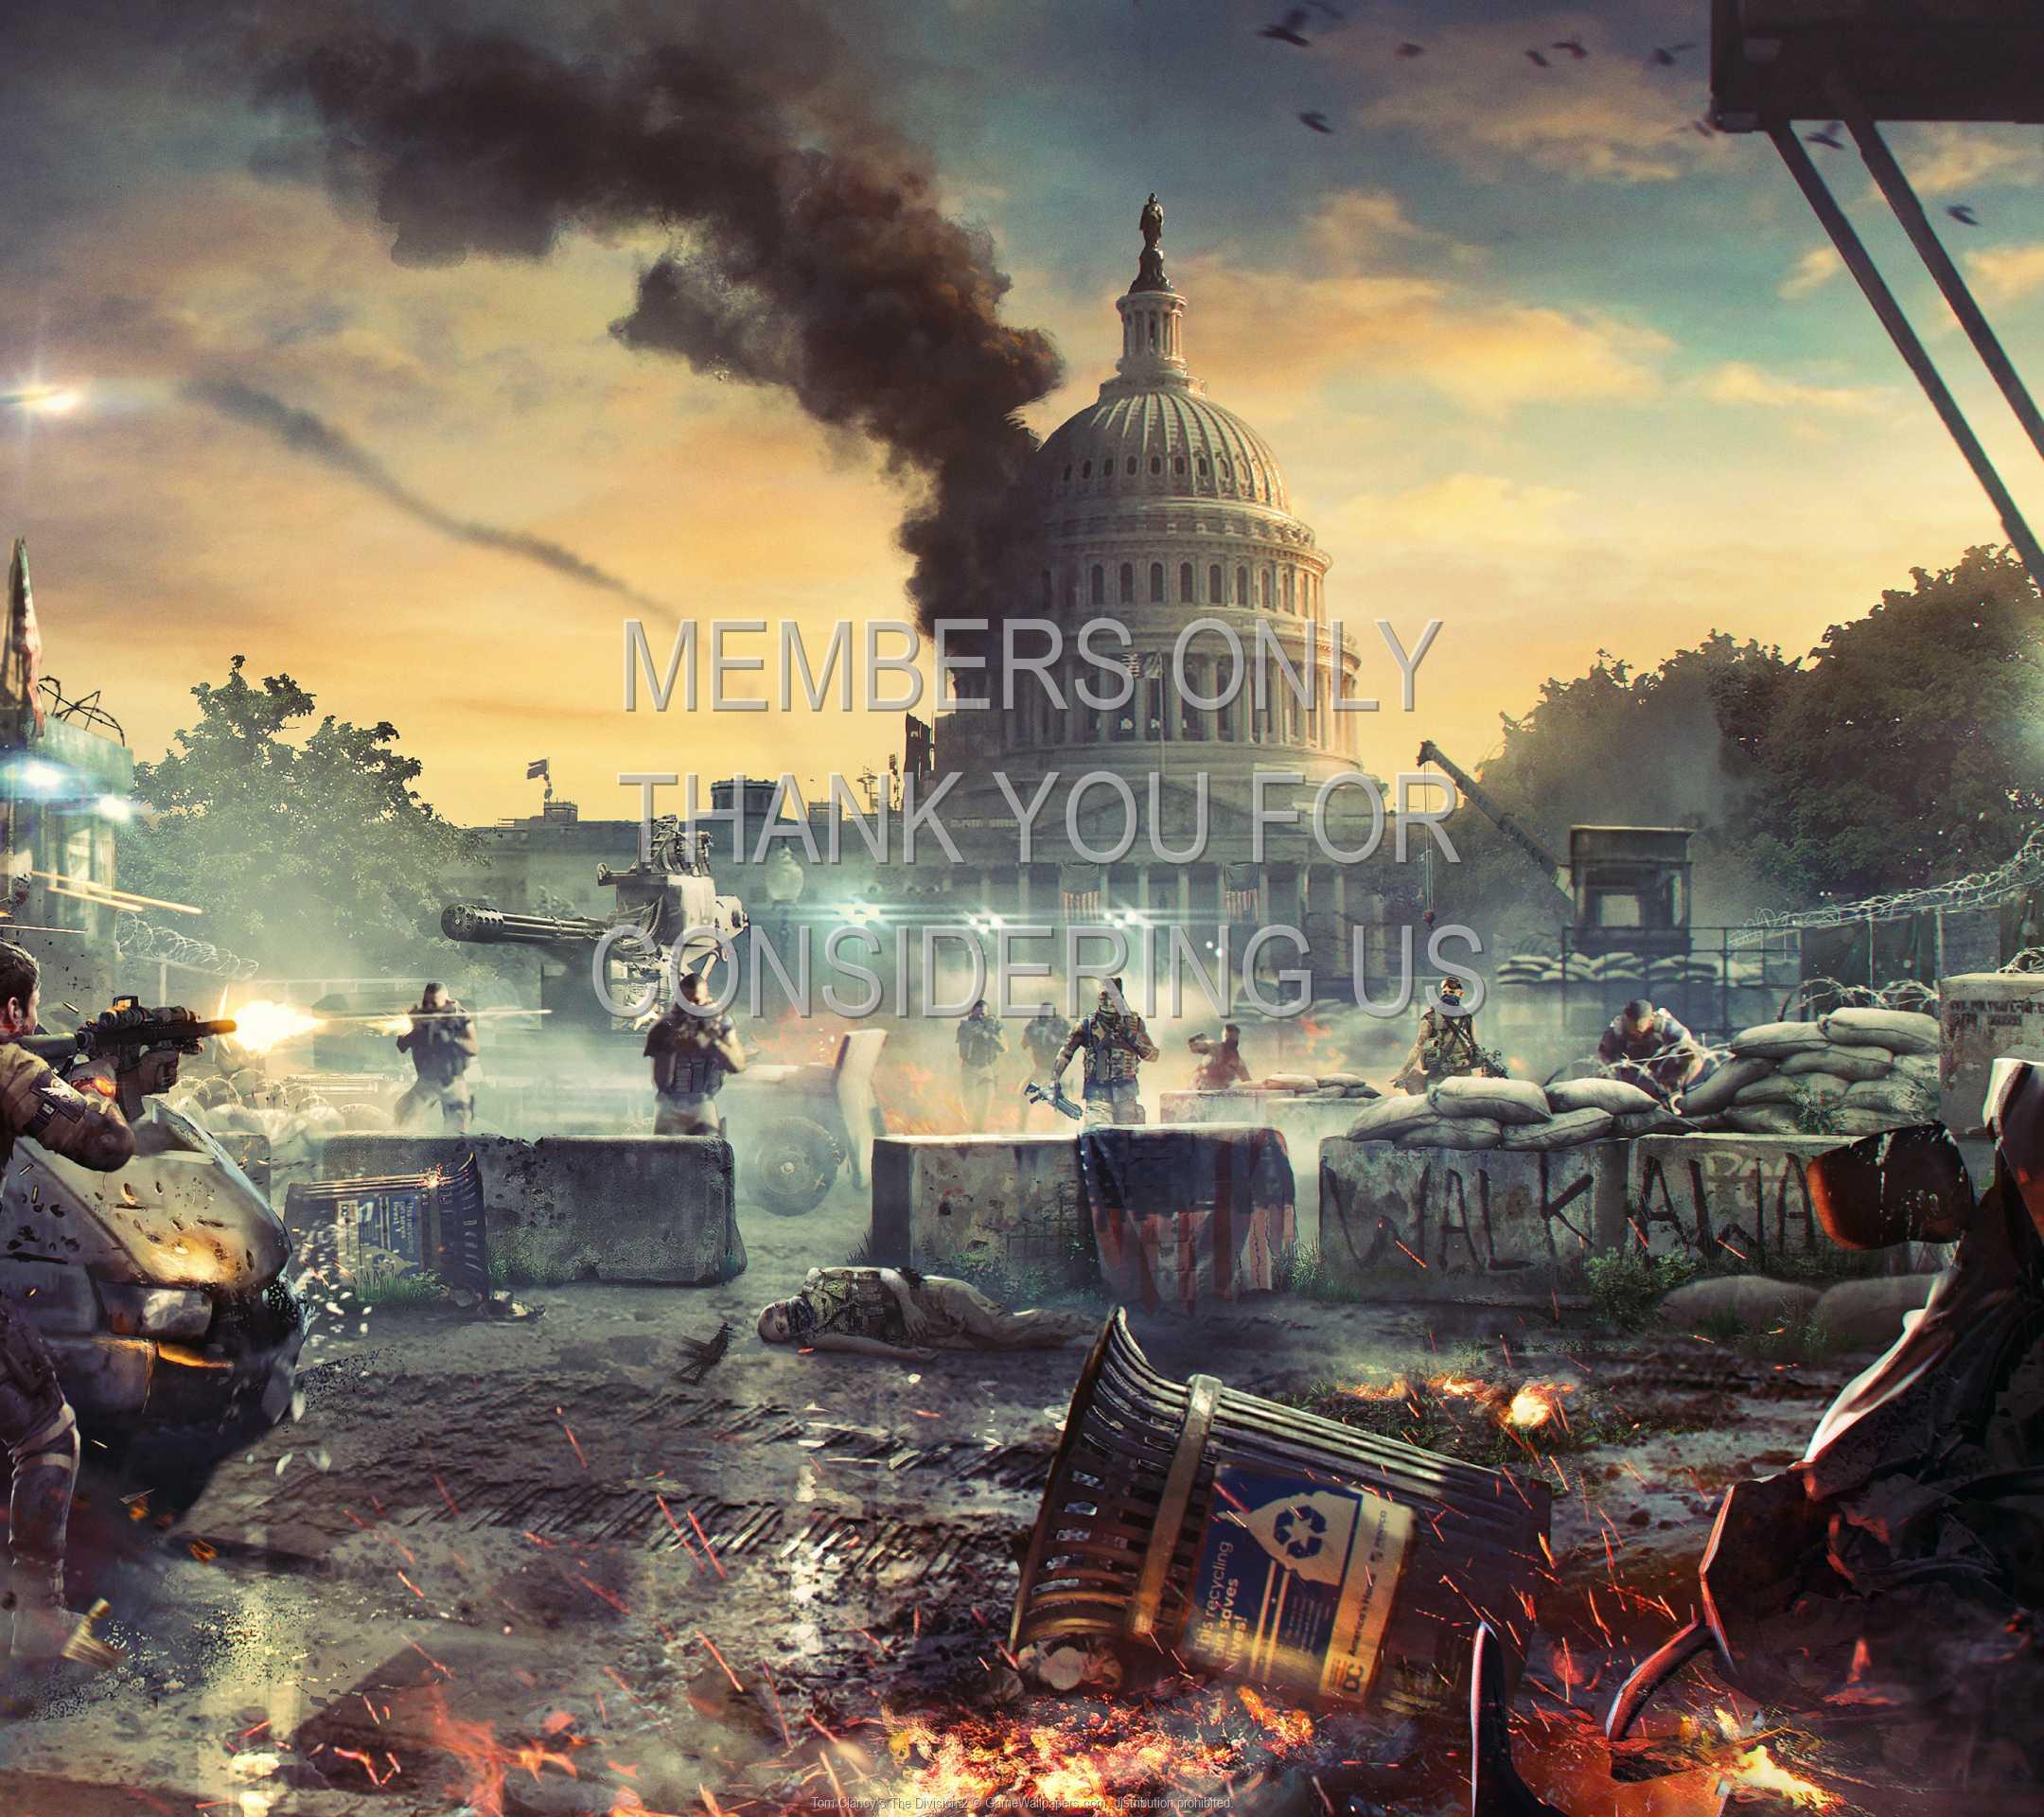 Tom Clancy's The Division 2 1080p Horizontal Mobile fond d'écran 02